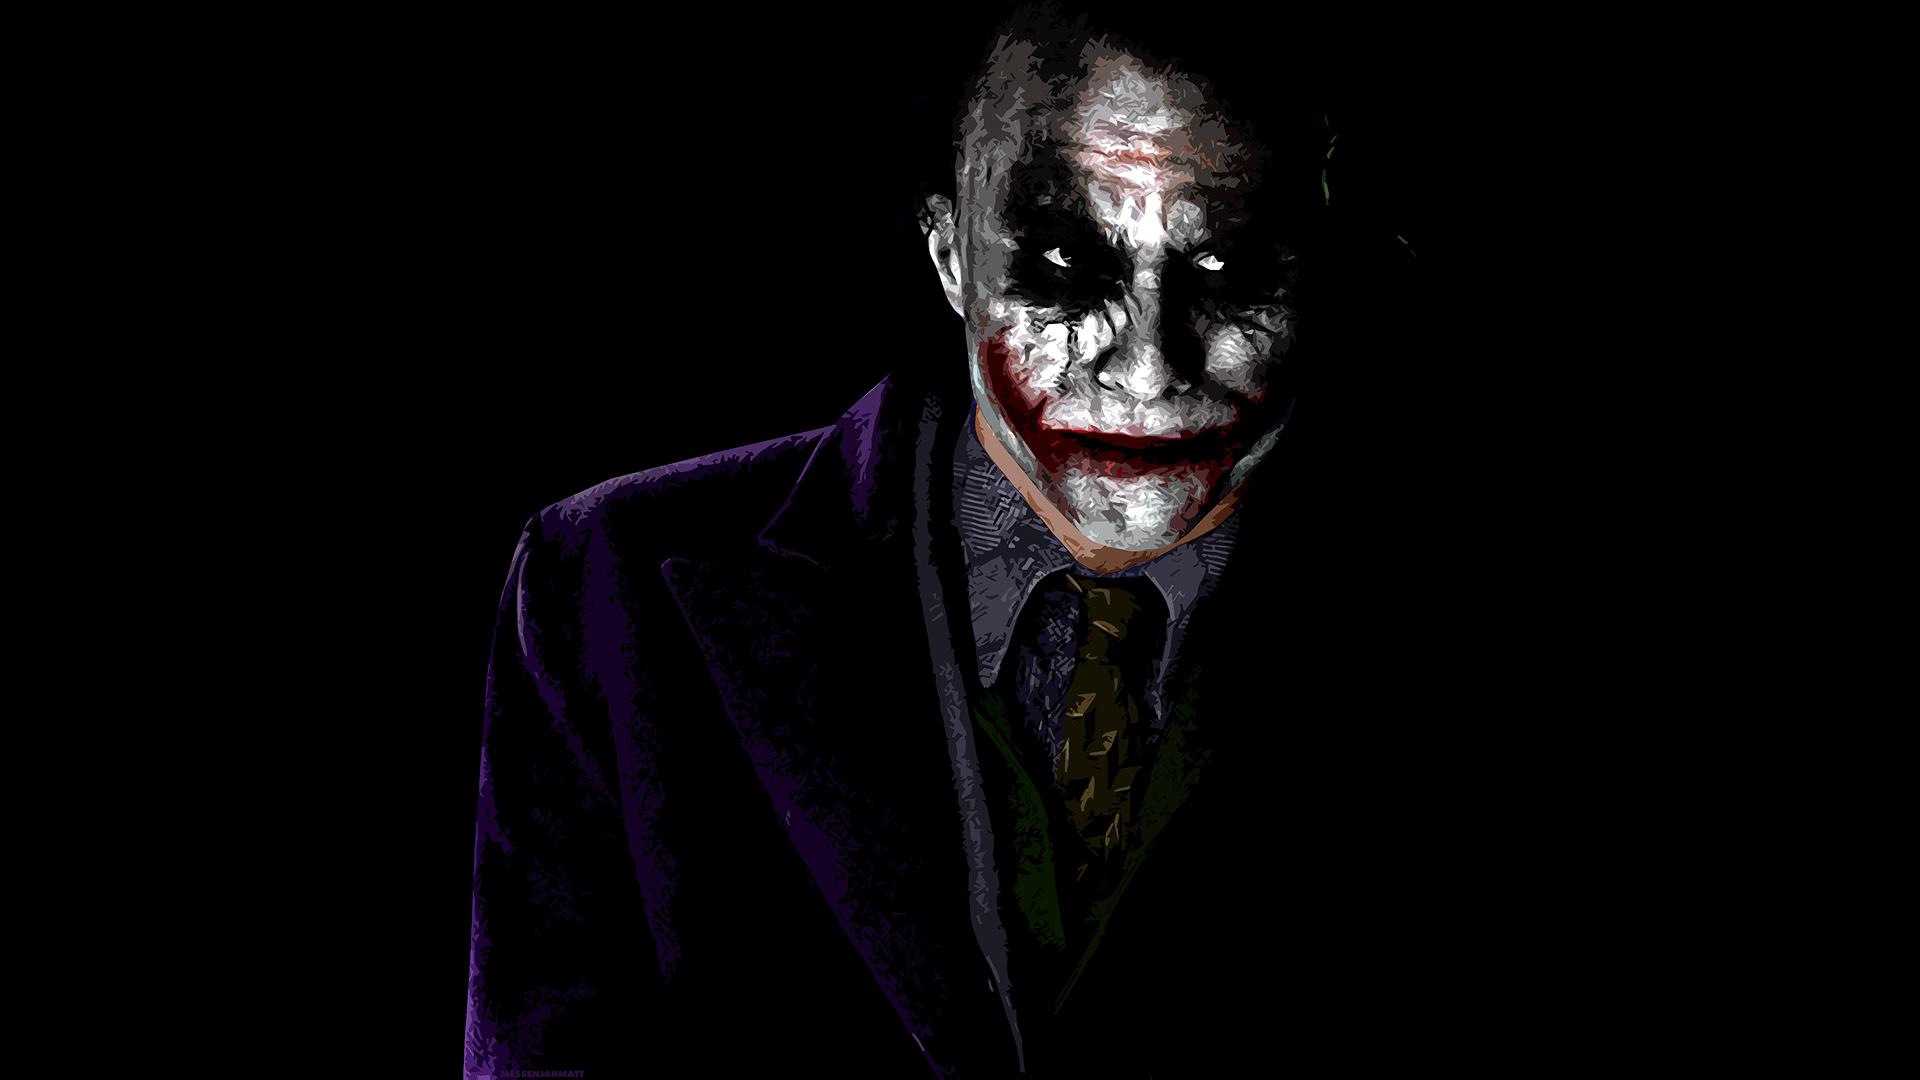 joker the joker 28092865 1920 1080jpg 1920x1080